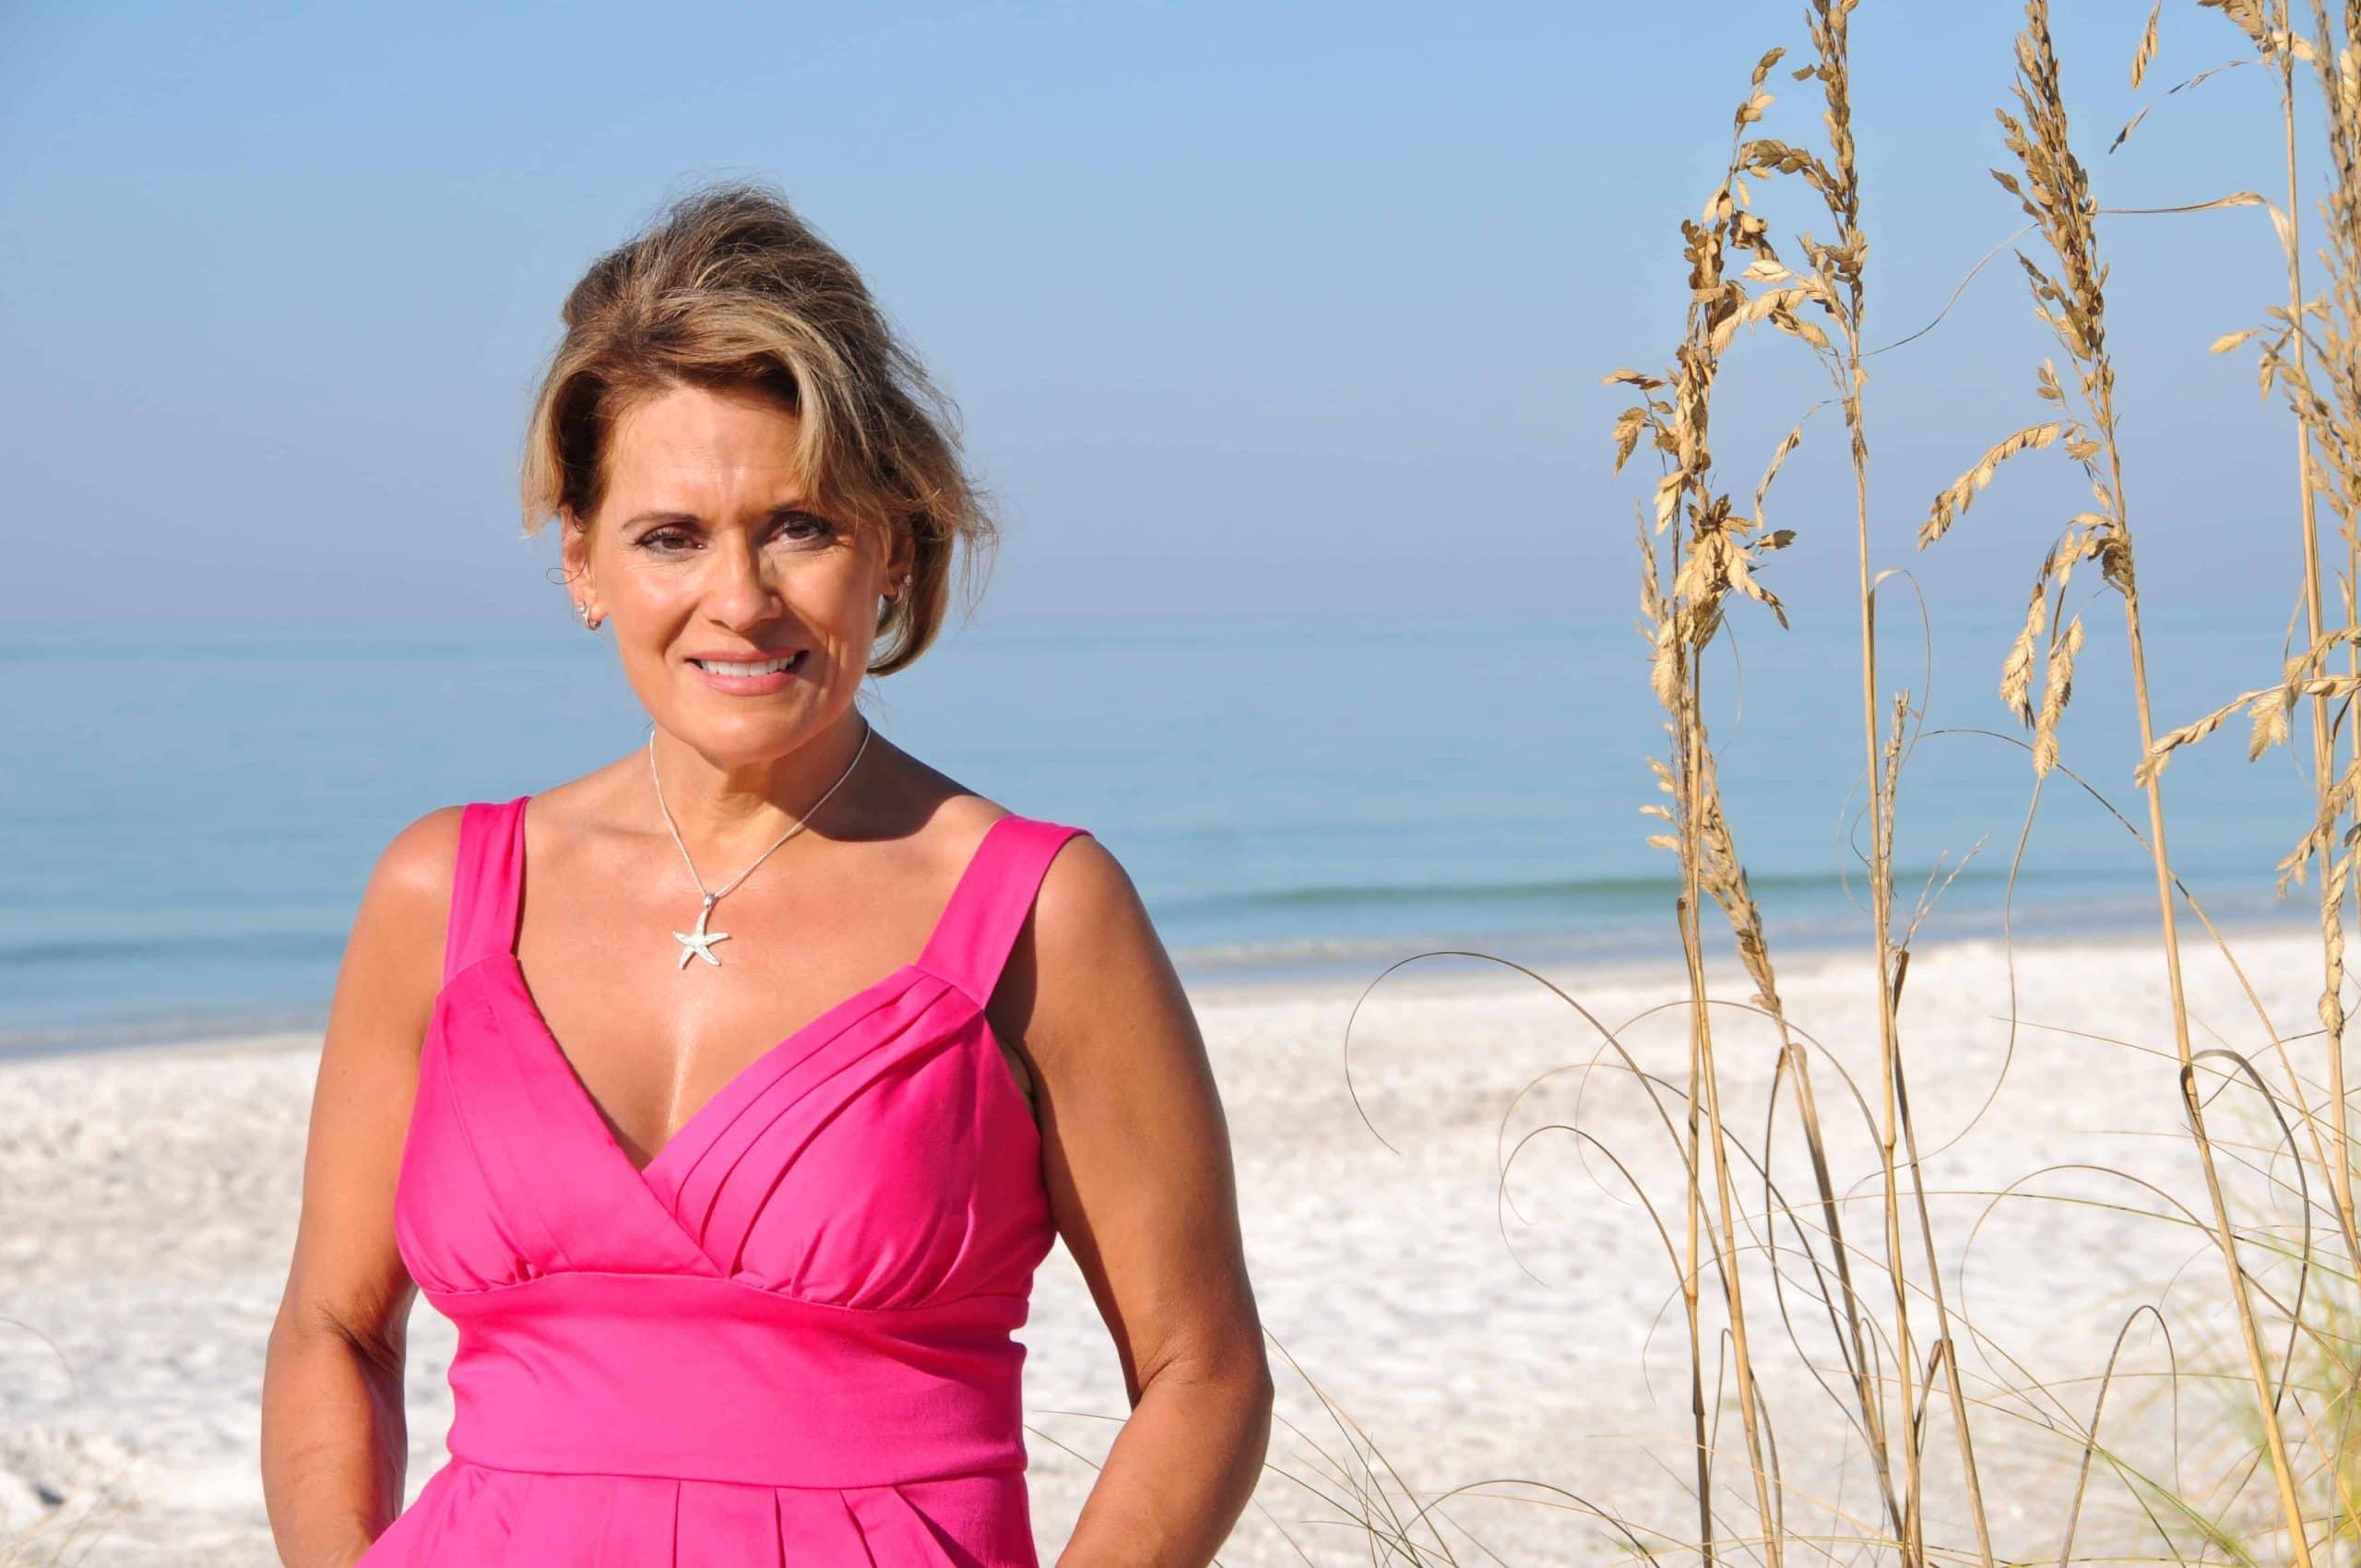 Lorraine McKenzie